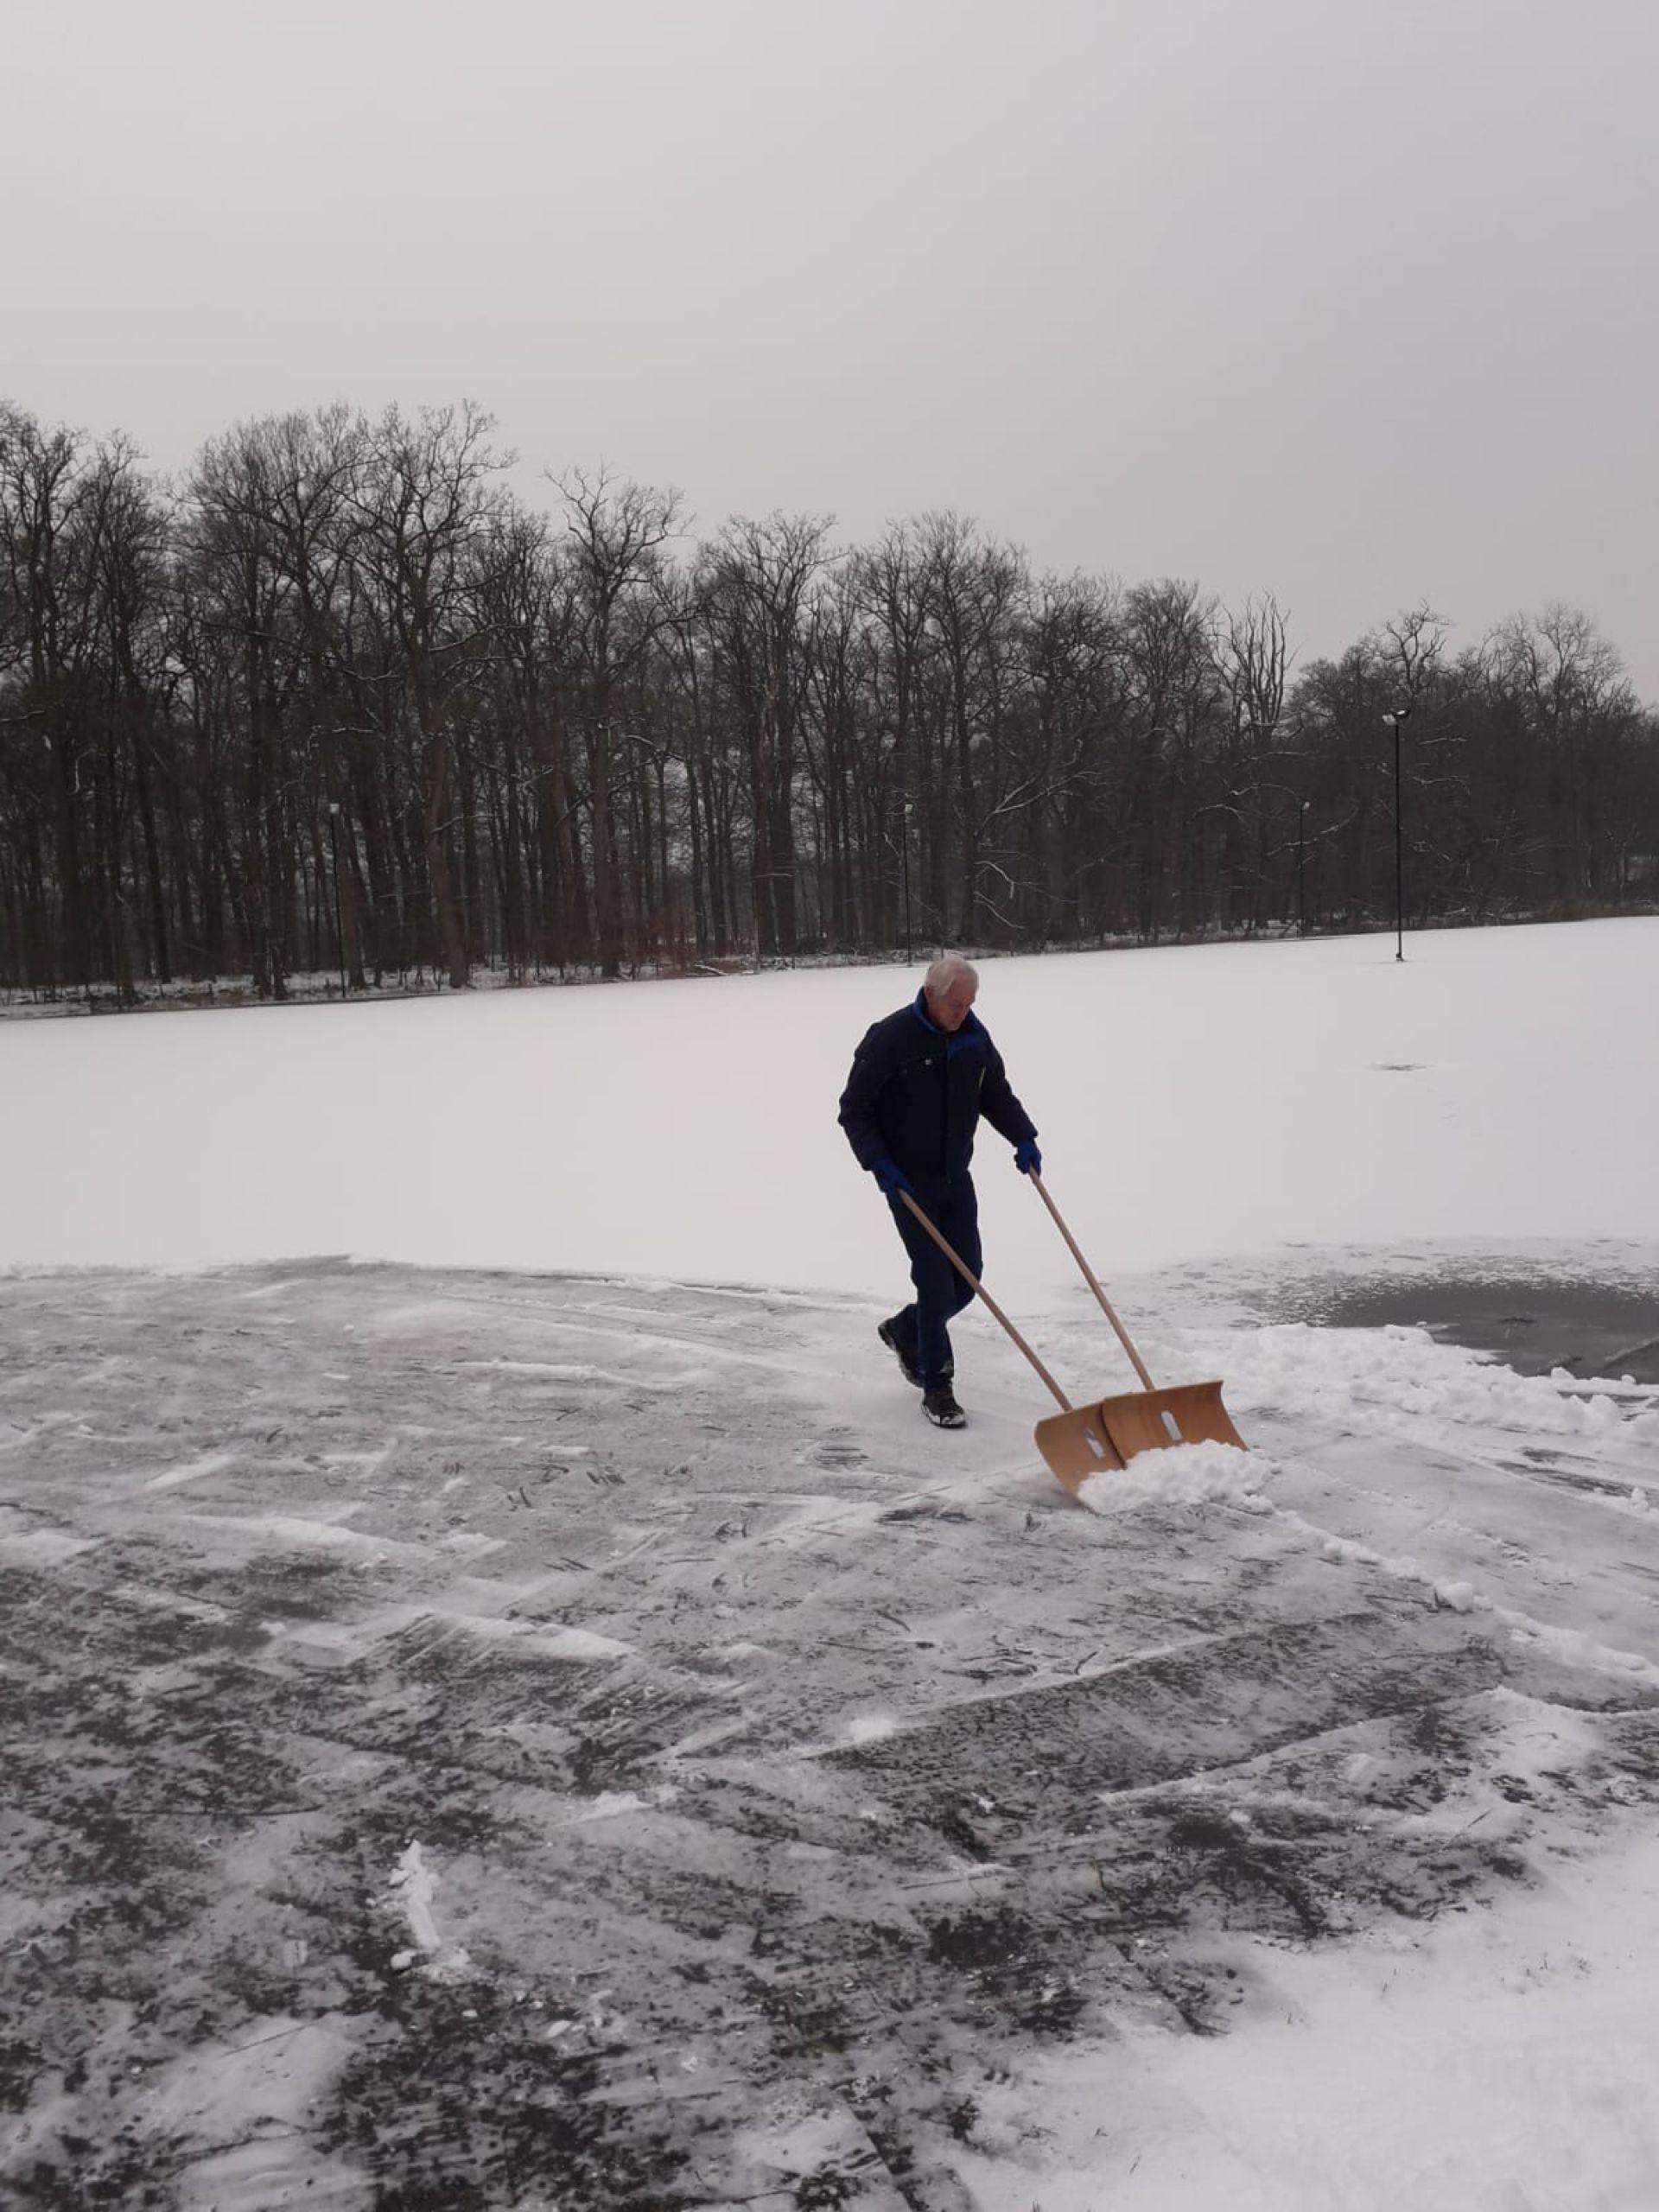 IJsbaan Delden blijft gesloten: 'ijs is veel te dun'